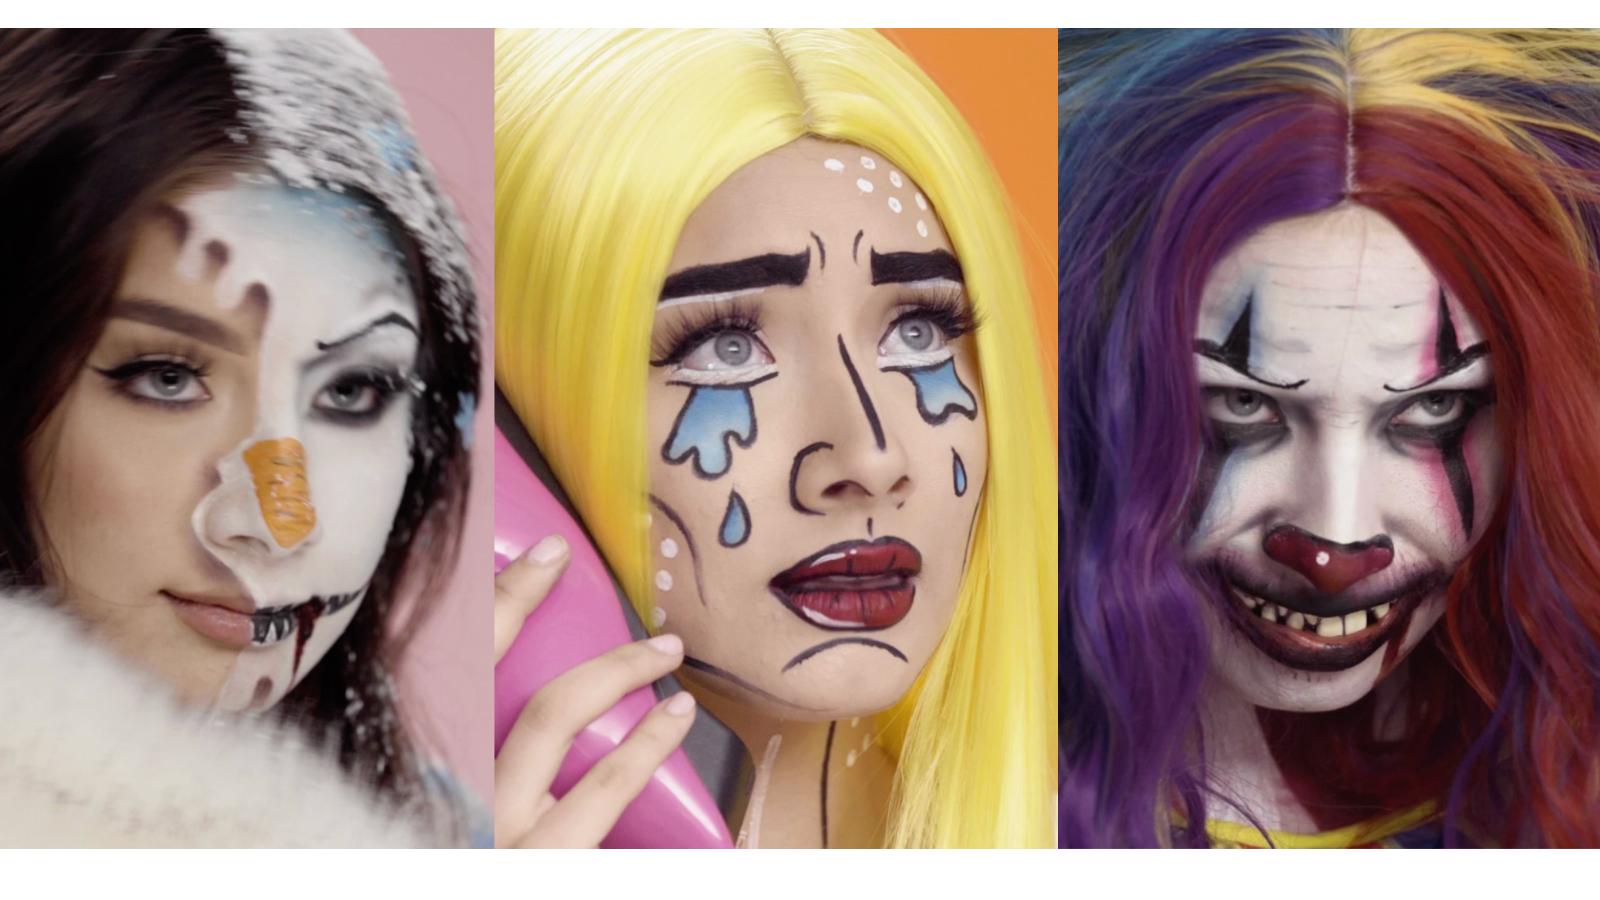 Lerne-wie-du-gruselige-Halloween-Makeups-ganz-einfach-nachschminken-kannst!